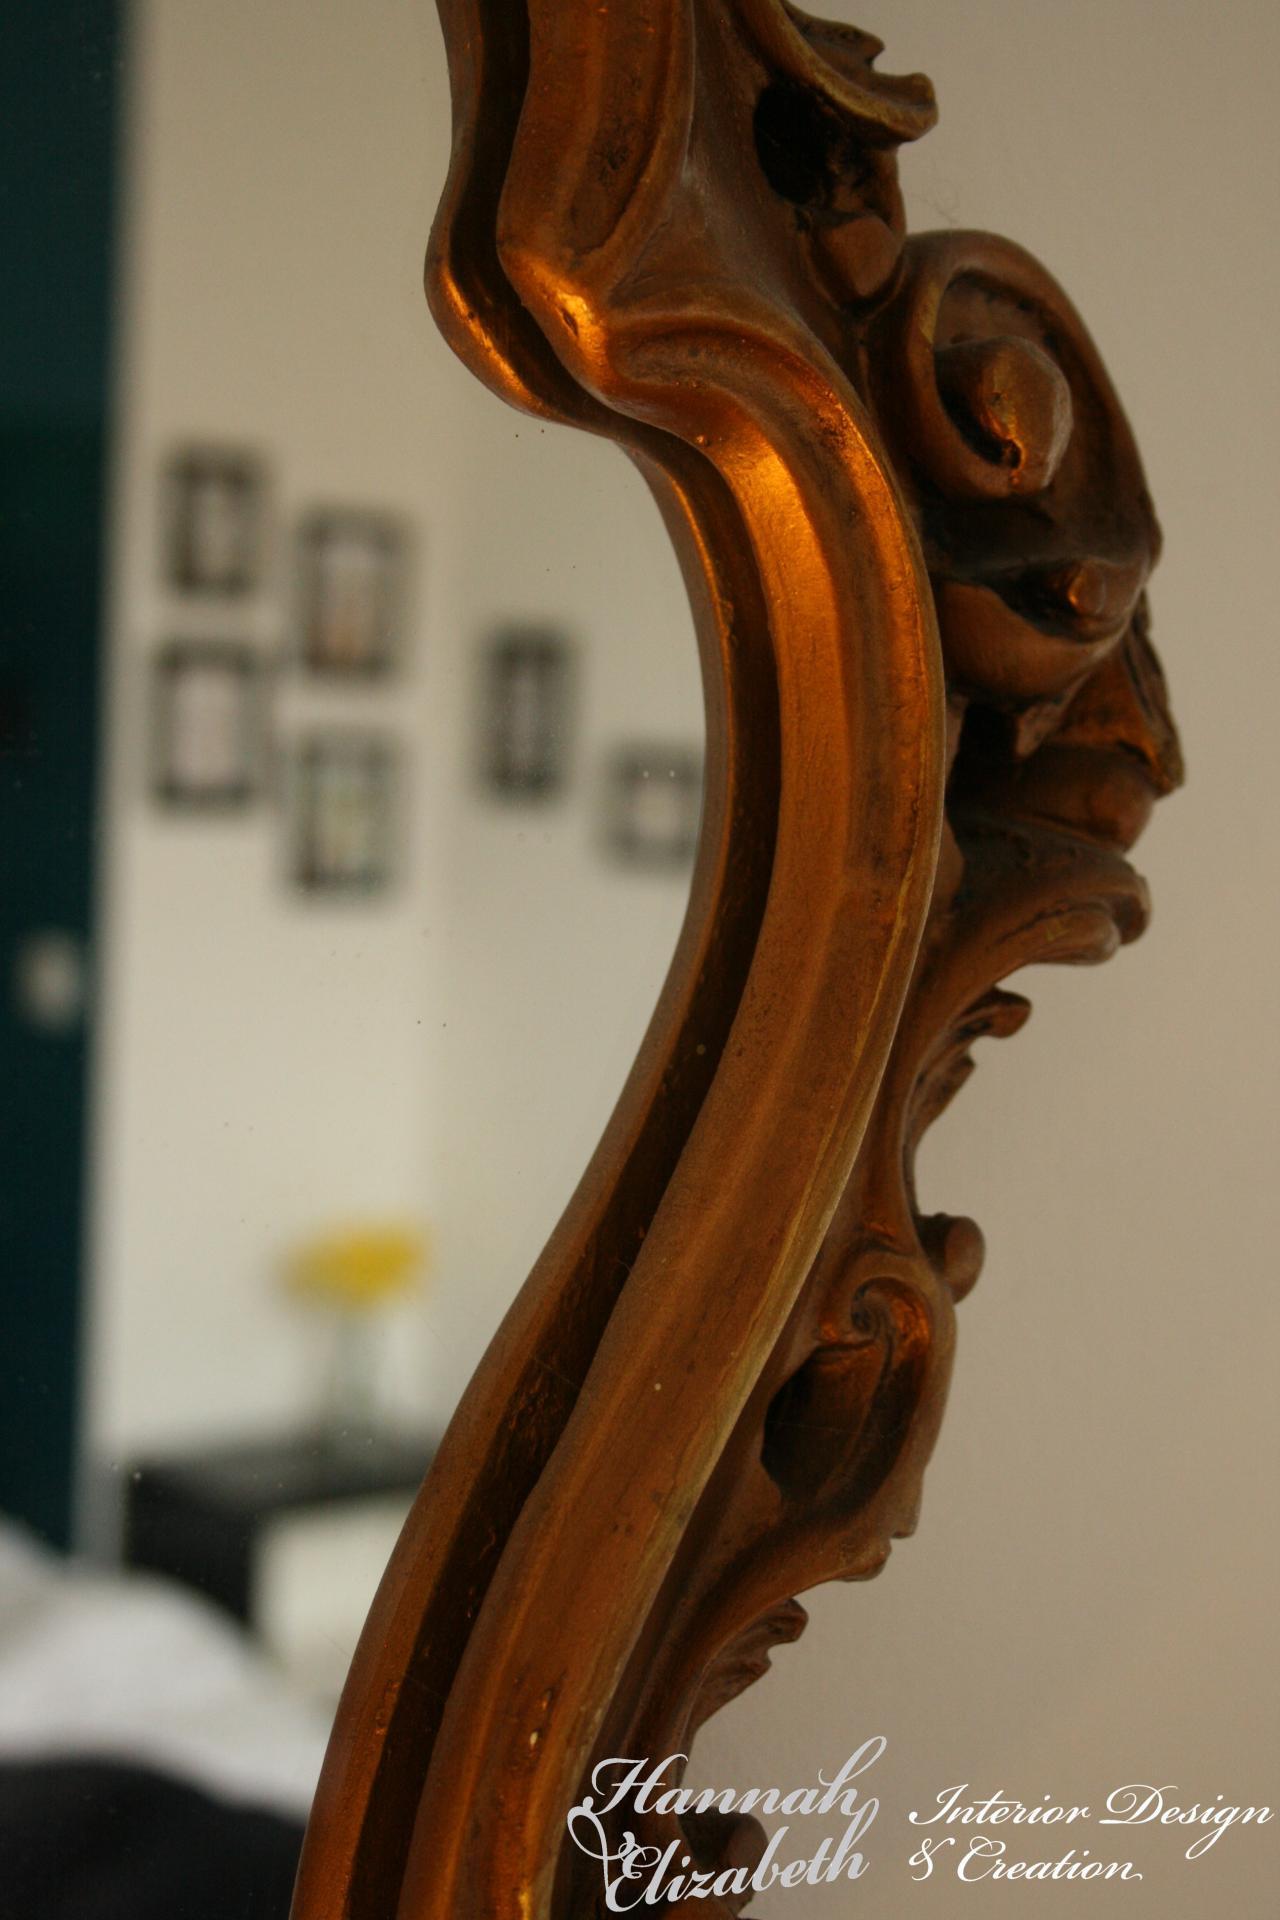 Detail miroir avec reflet chambre japonais turquoise avec jonquilles